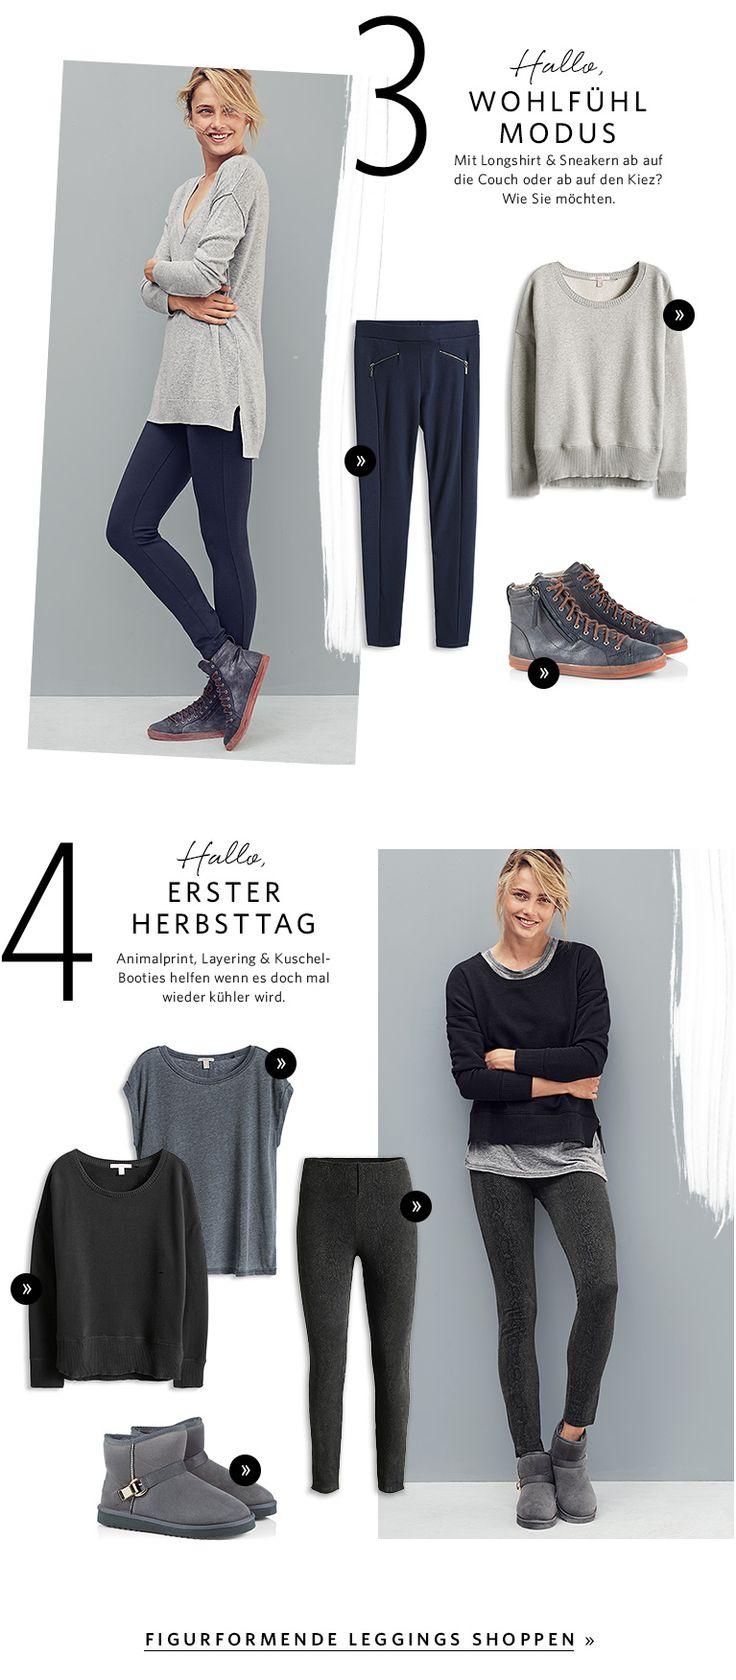 http://www.esprit.de/damen/trends-specials/hello-leggings